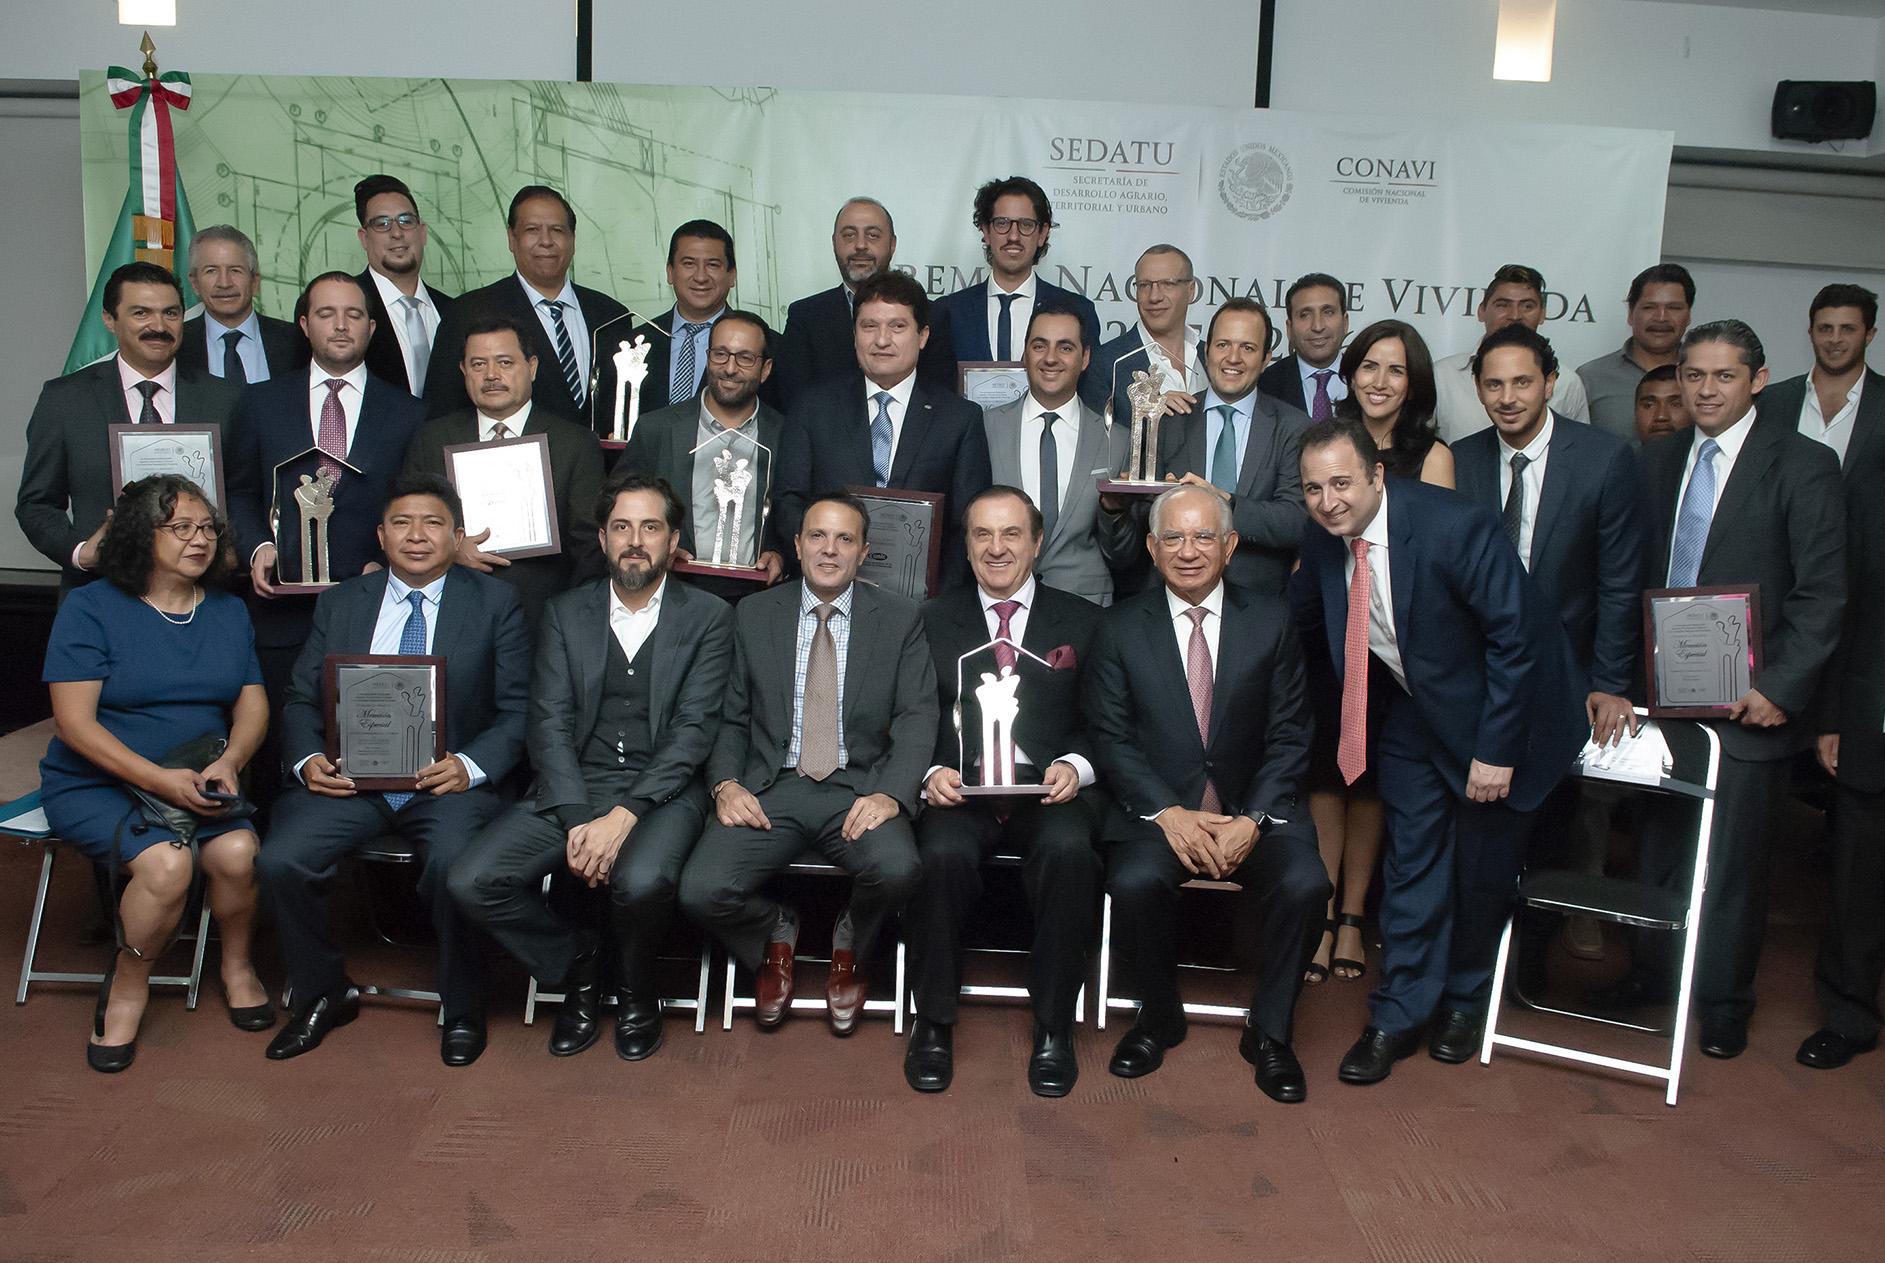 Ellos son los galardonados del Premio Nacional de Vivienda